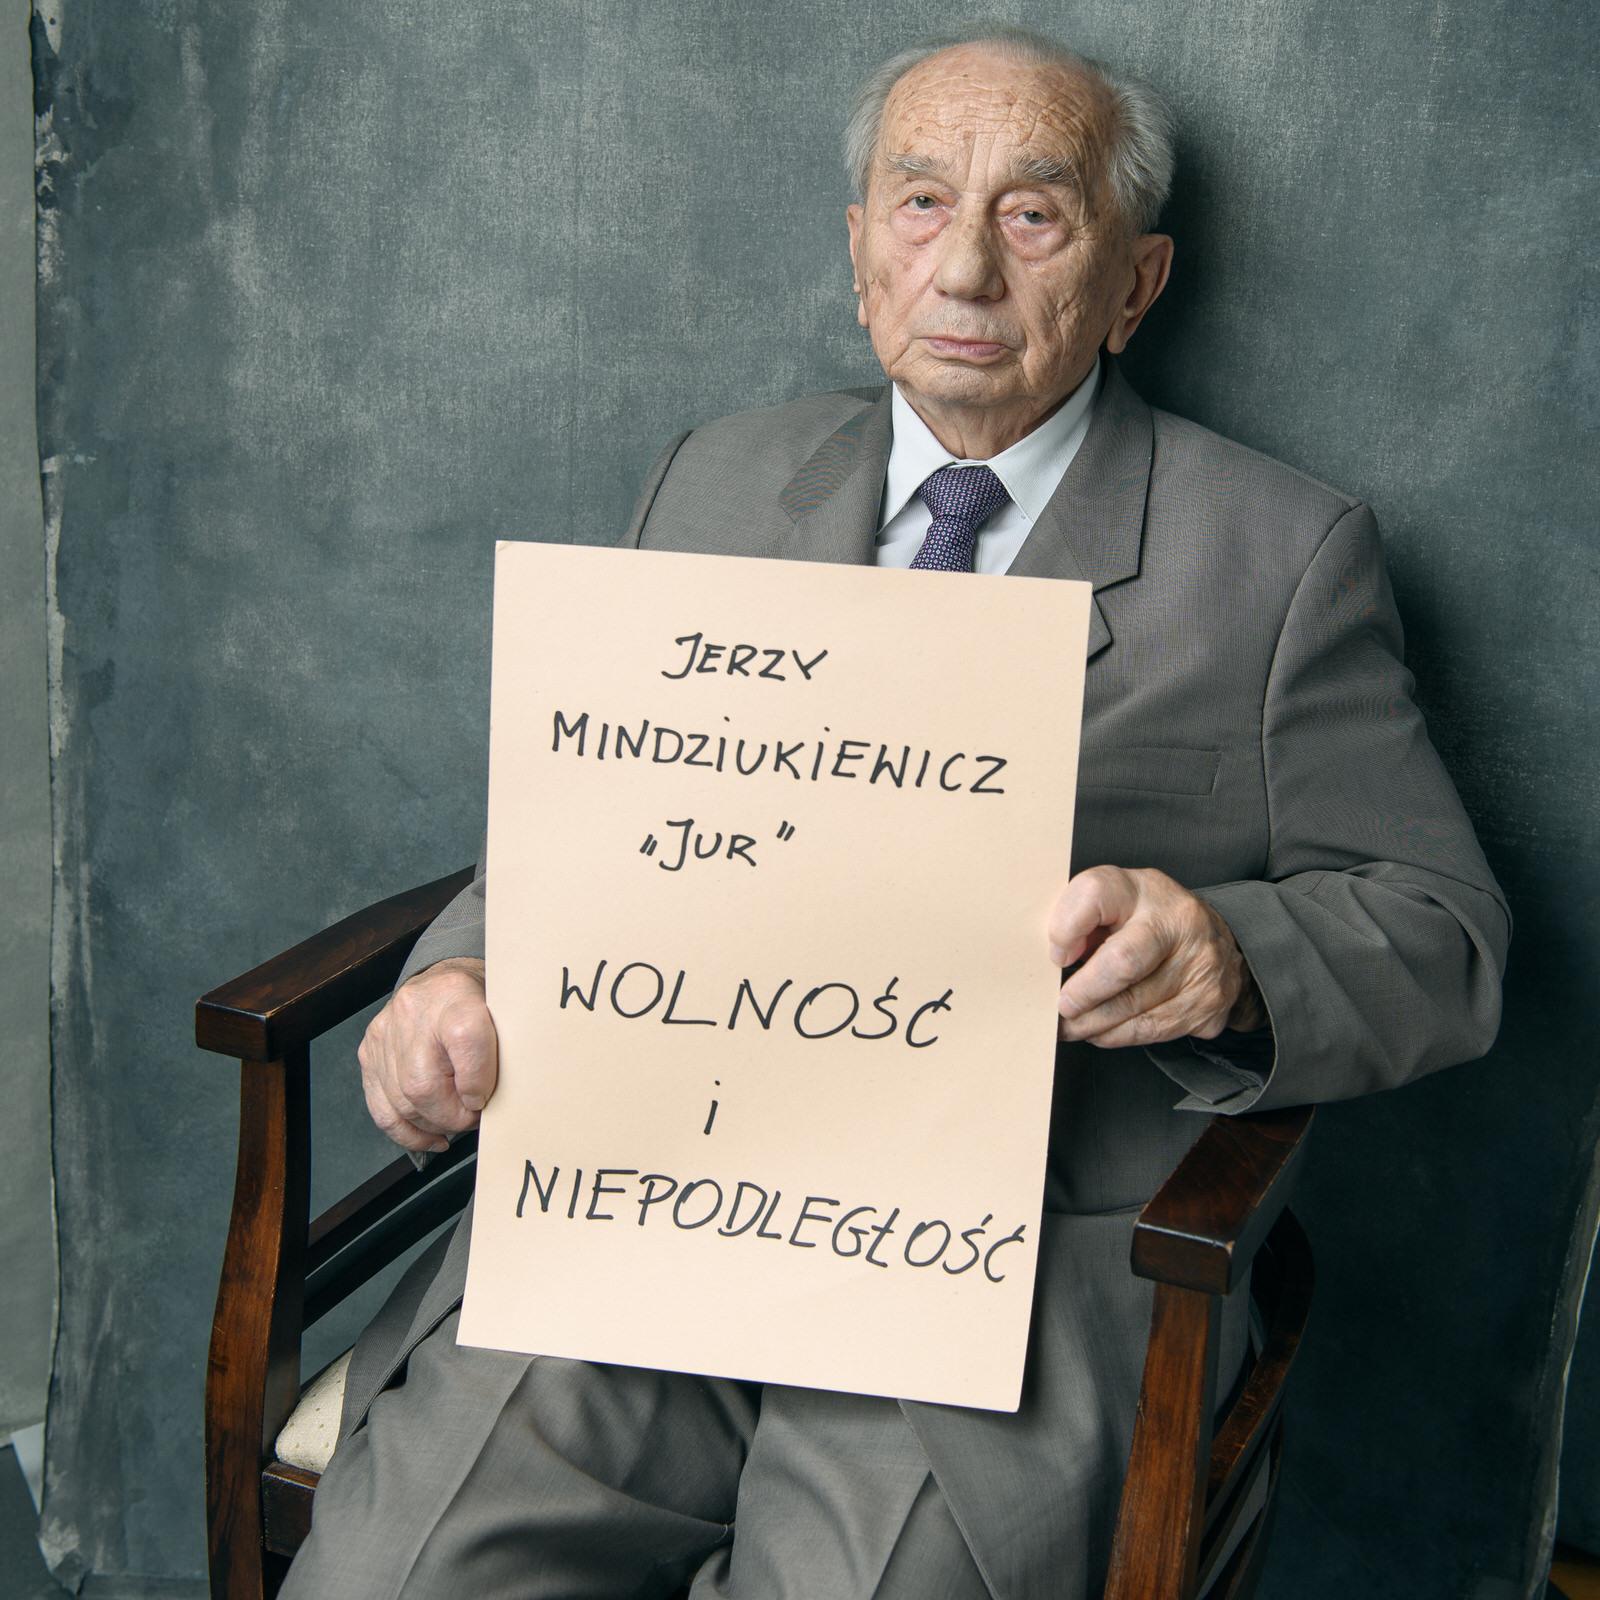 Jerzy-Mindziukiewicz